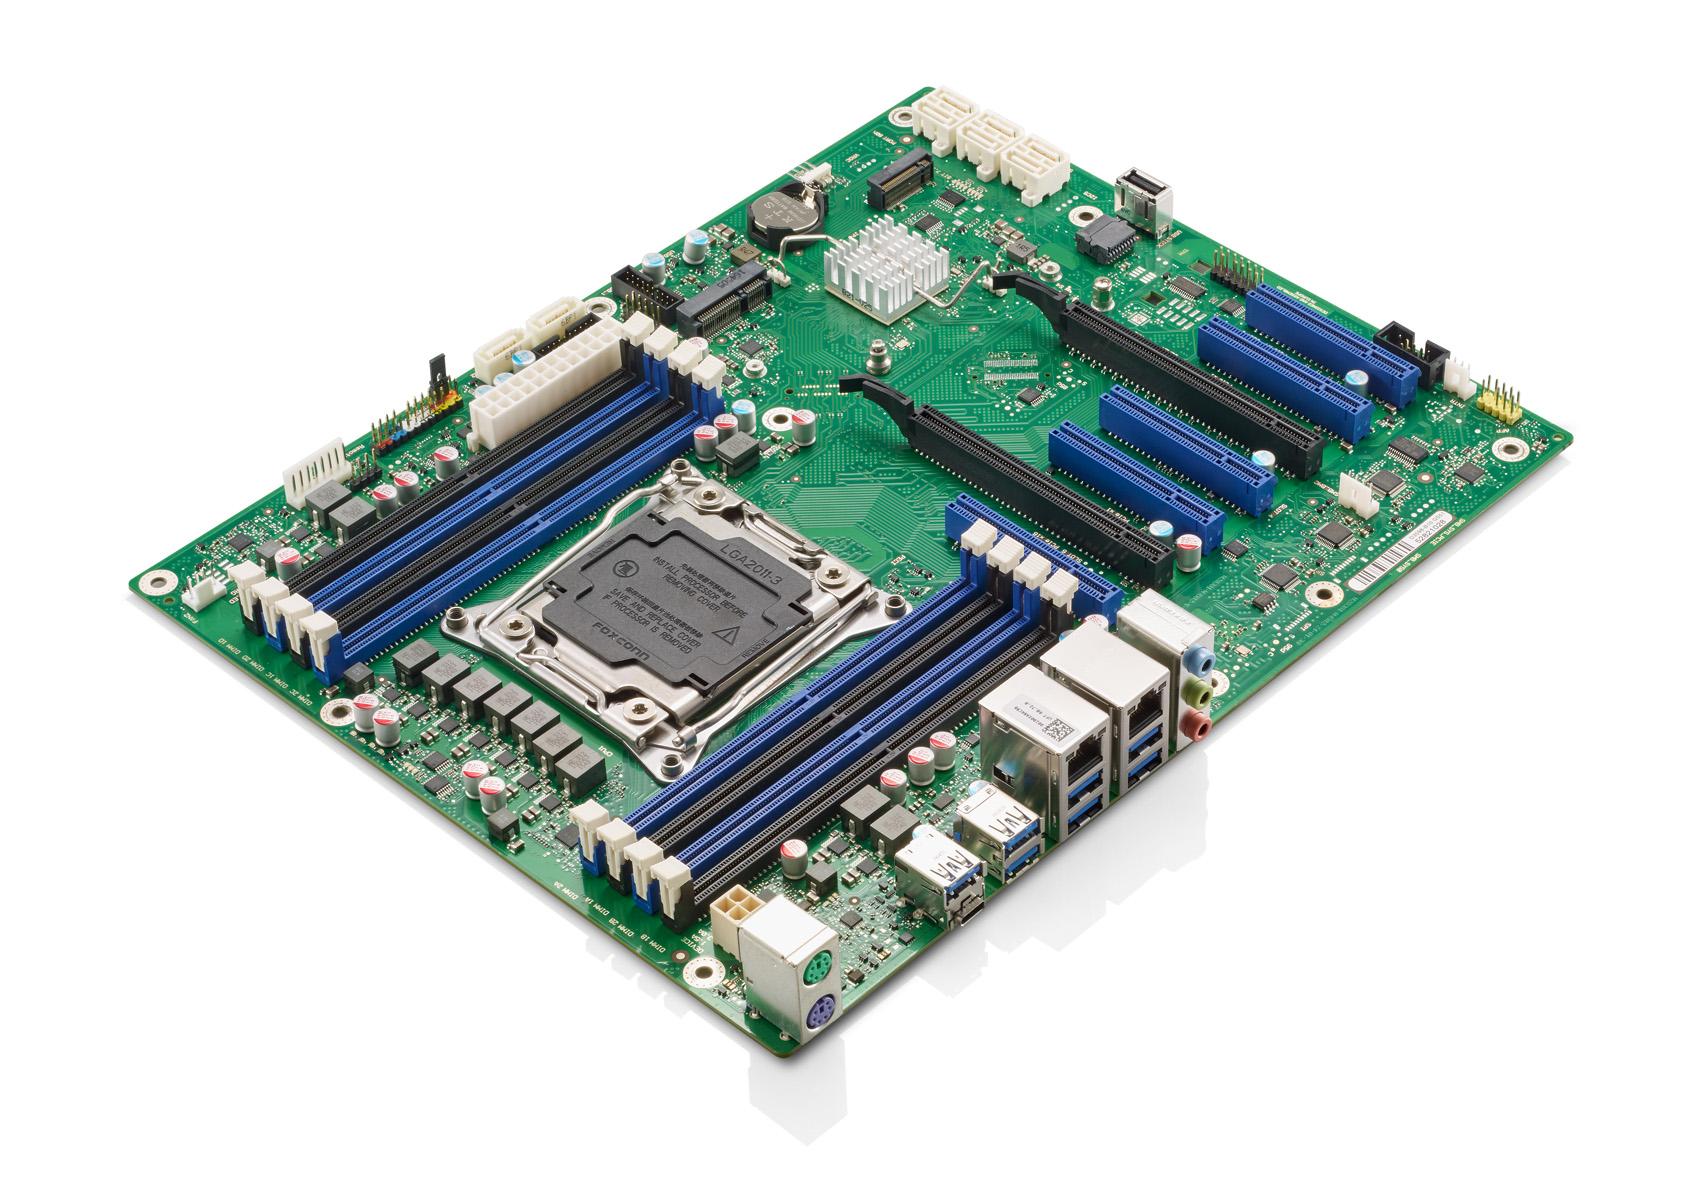 Представлена материнская плата Fujitsu D3598-B ATX на чипсете Intel C422